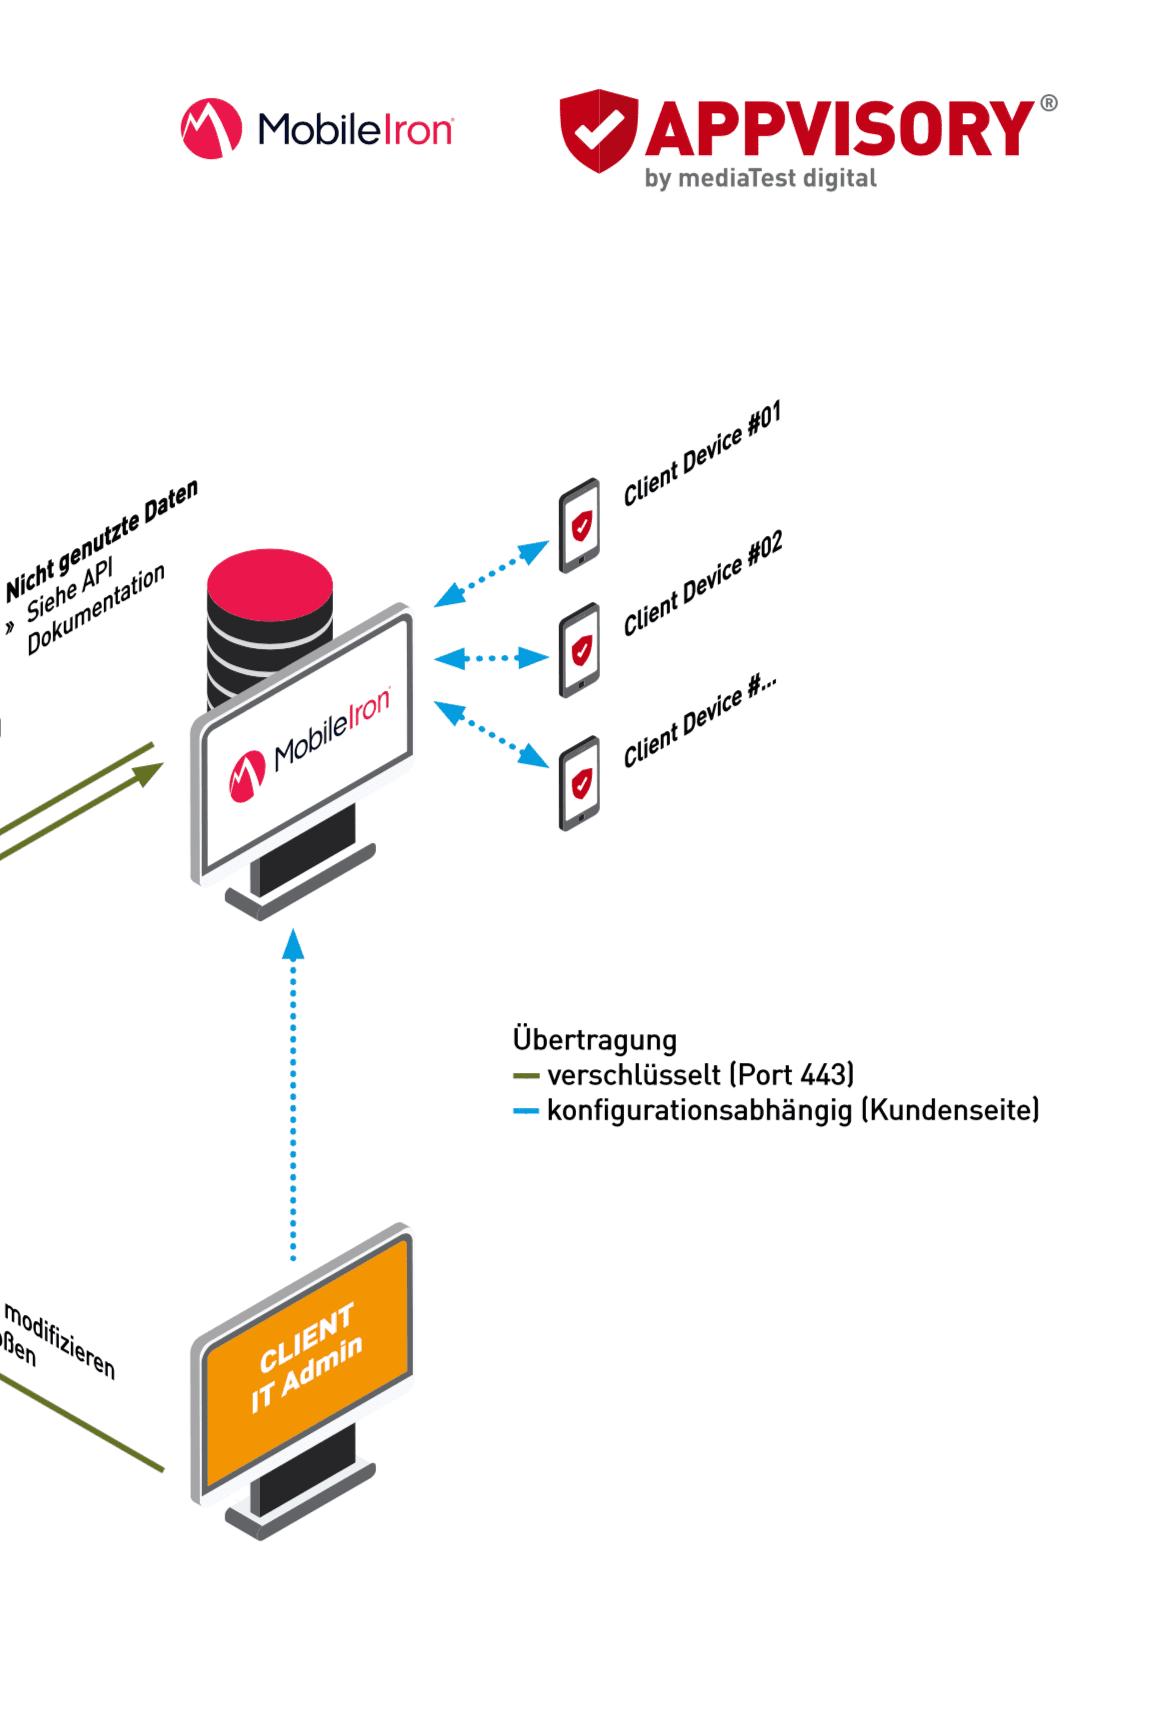 APPVISORY MDM Infrastruktur mobileiron